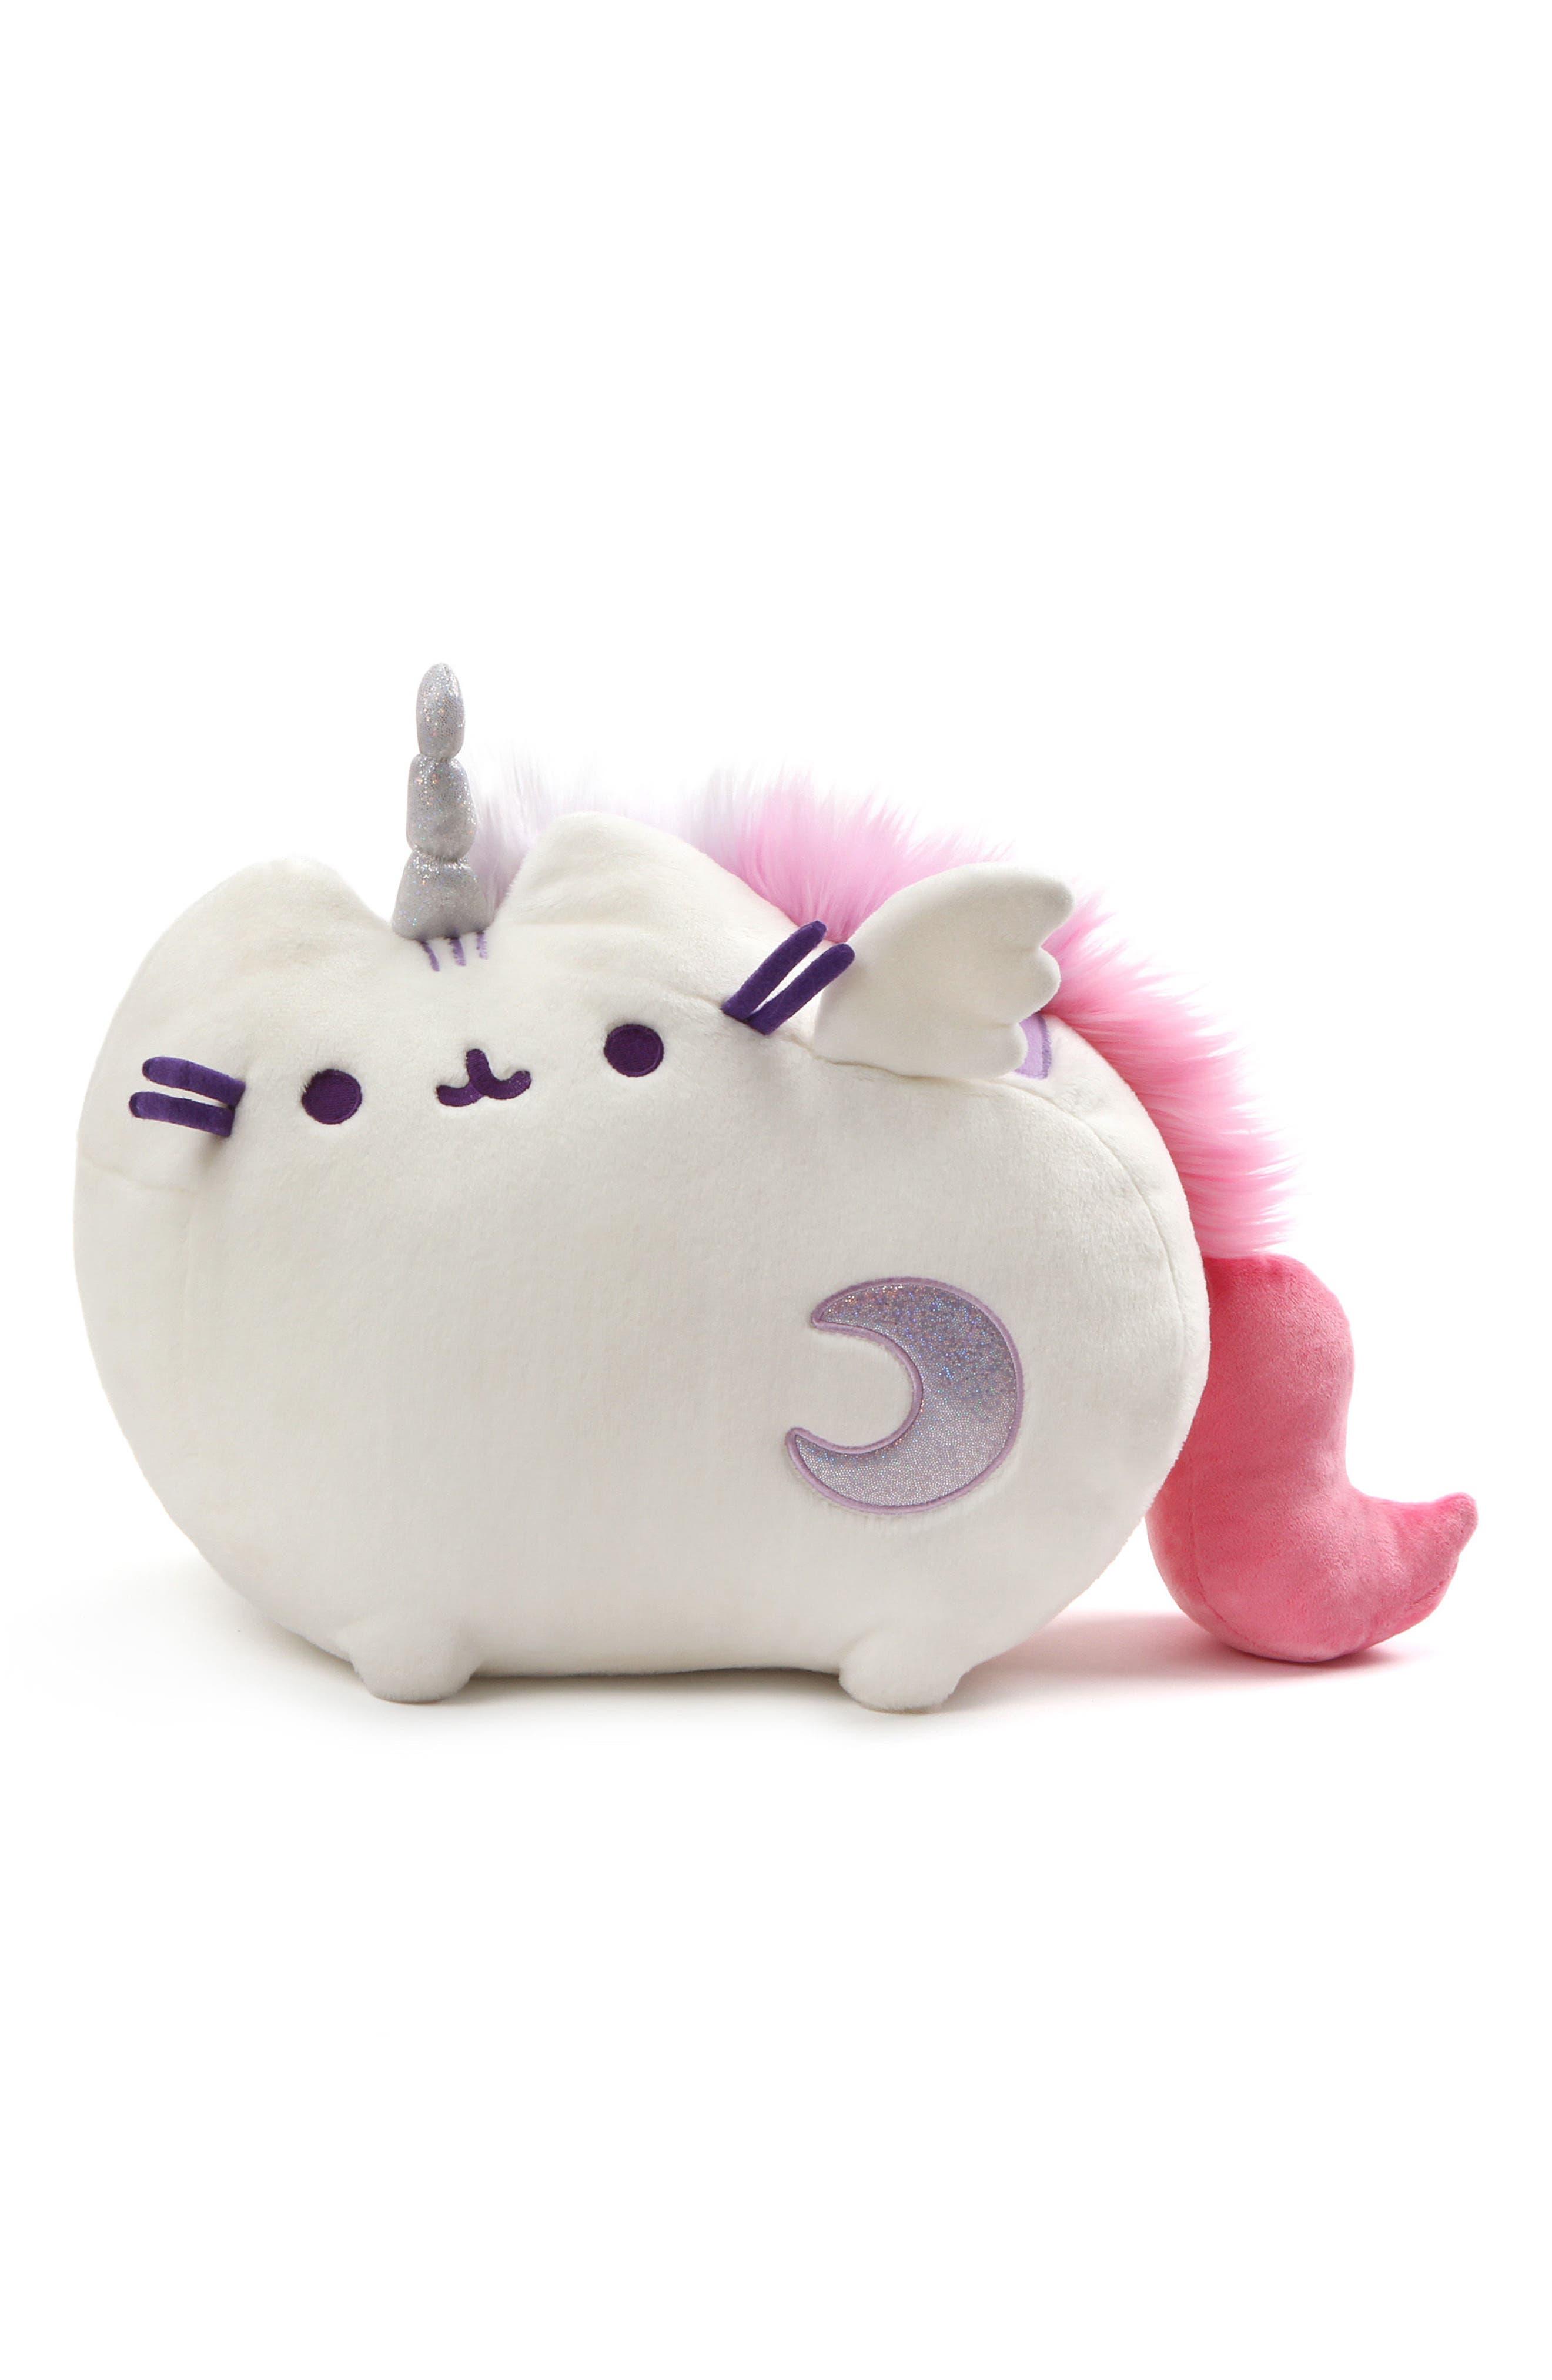 Gund Super Pusheenicorn Light-and-Sound Stuffed Animal